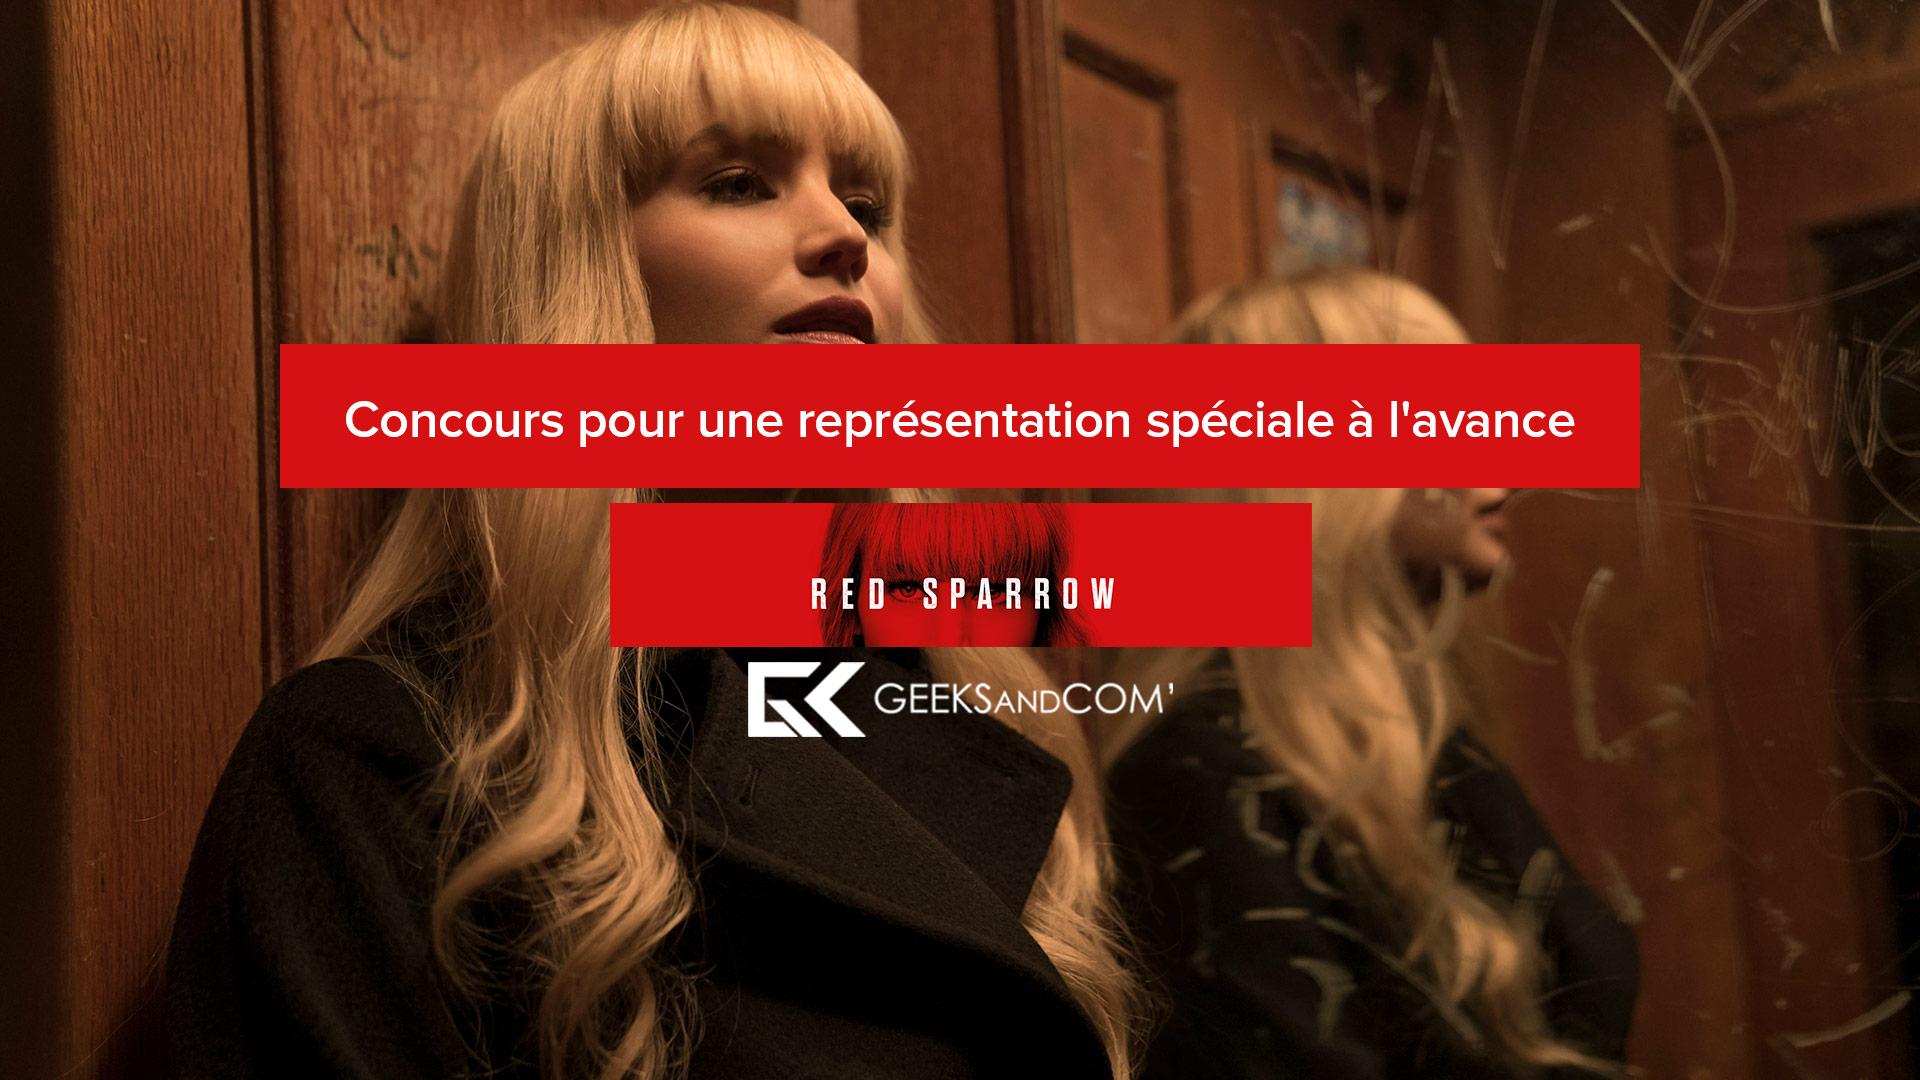 [Montréal] Concours pour une représentation spéciale à l'avance du film RED SPARROW (VOA ou FR)